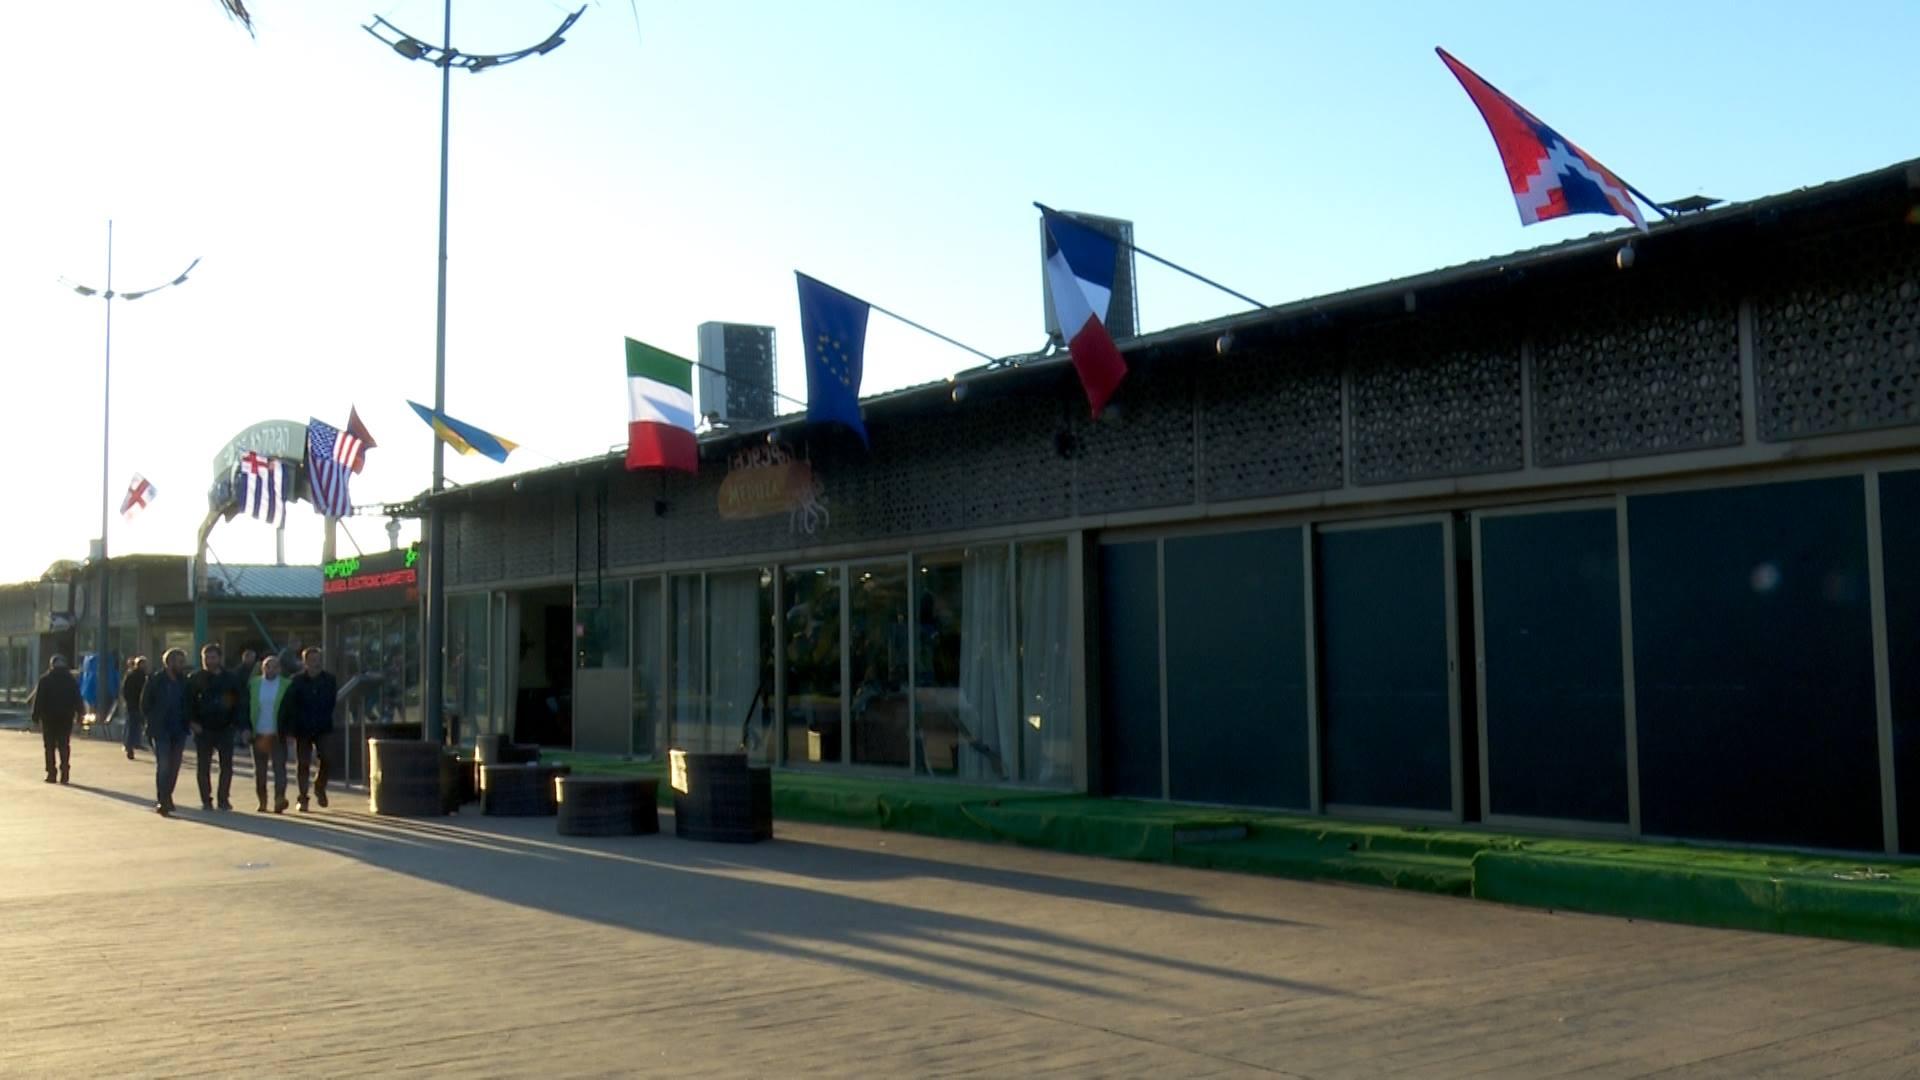 ბათუმში რესტორანზე აღმართული რუსეთის დროშა პროტესტის შემდეგ ჩამოხსნეს